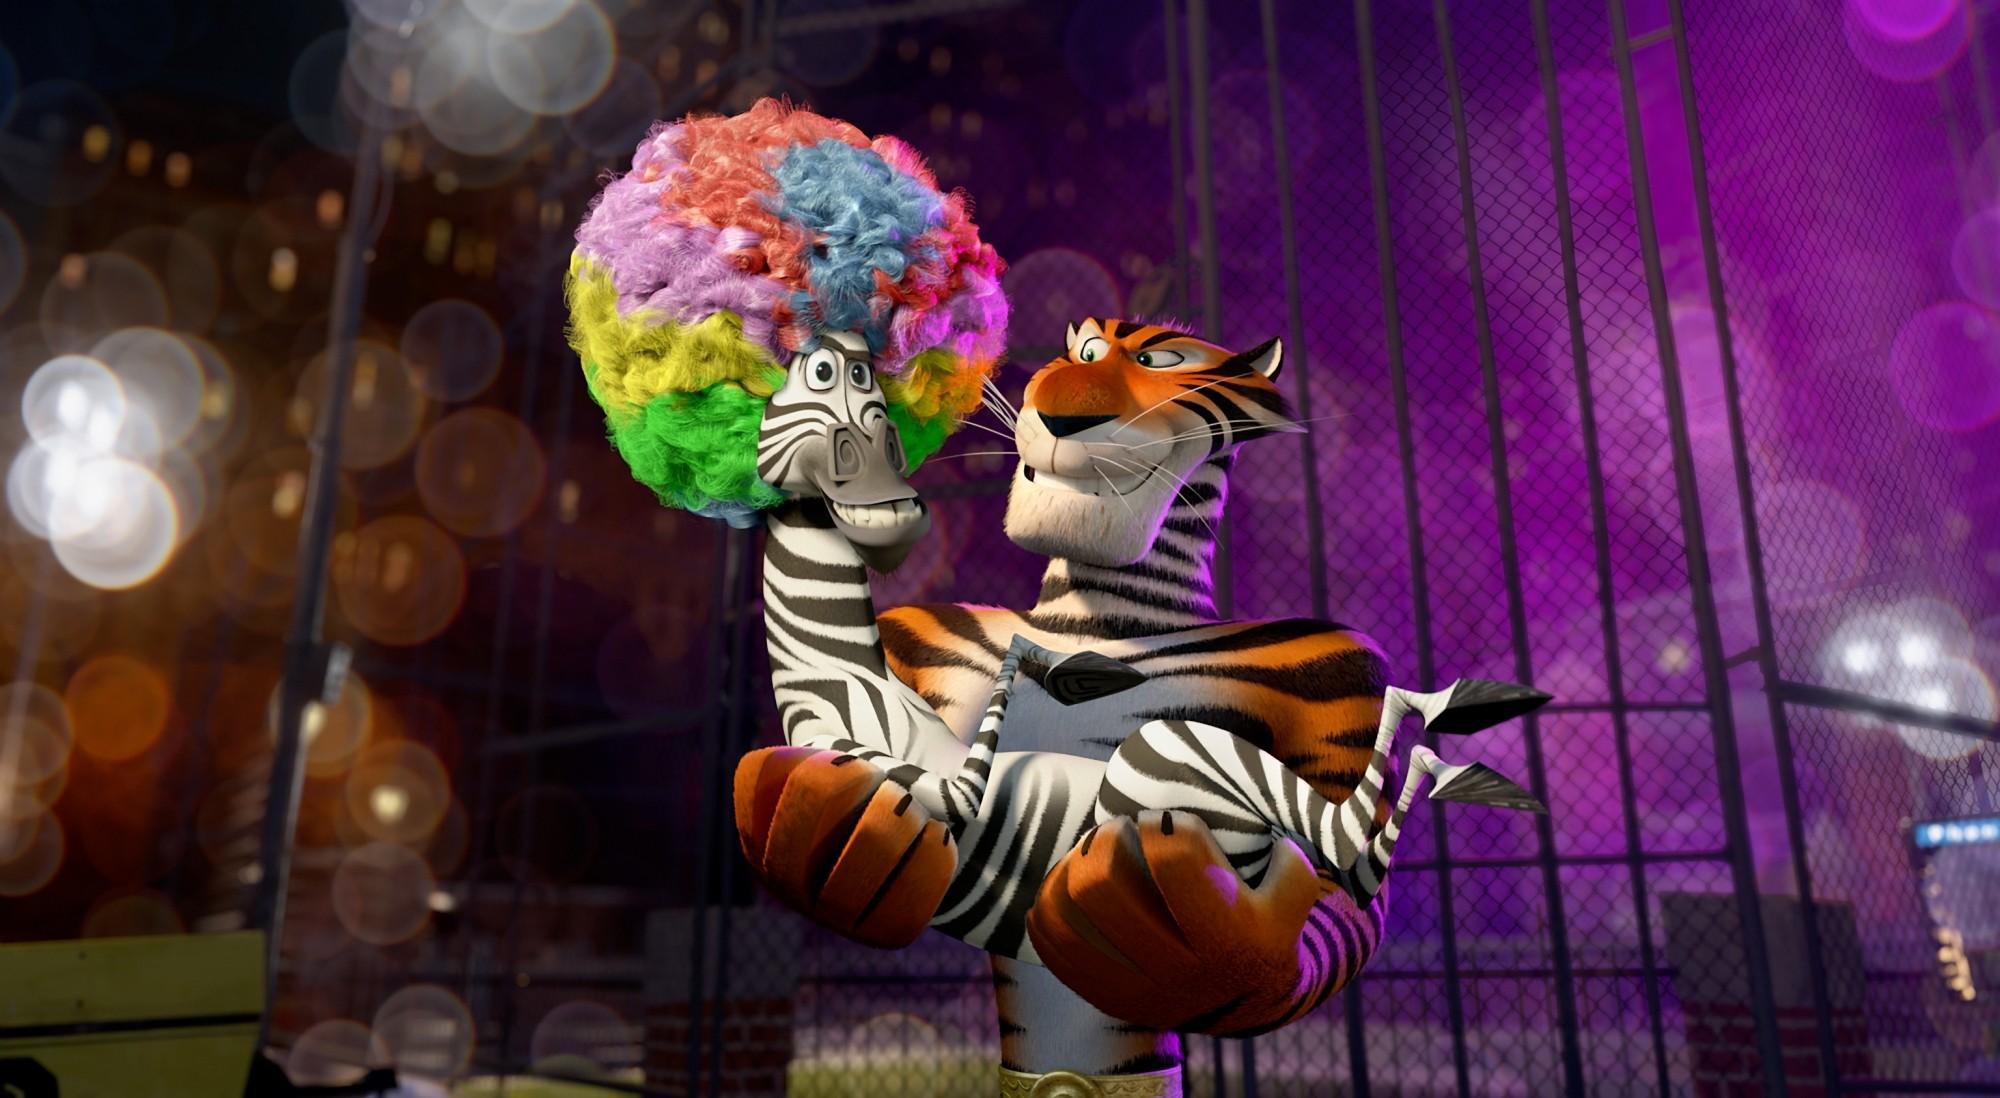 кадры из фильма Мадагаскар 3 в 3D Крис Рок, Брайан Крэнстон,